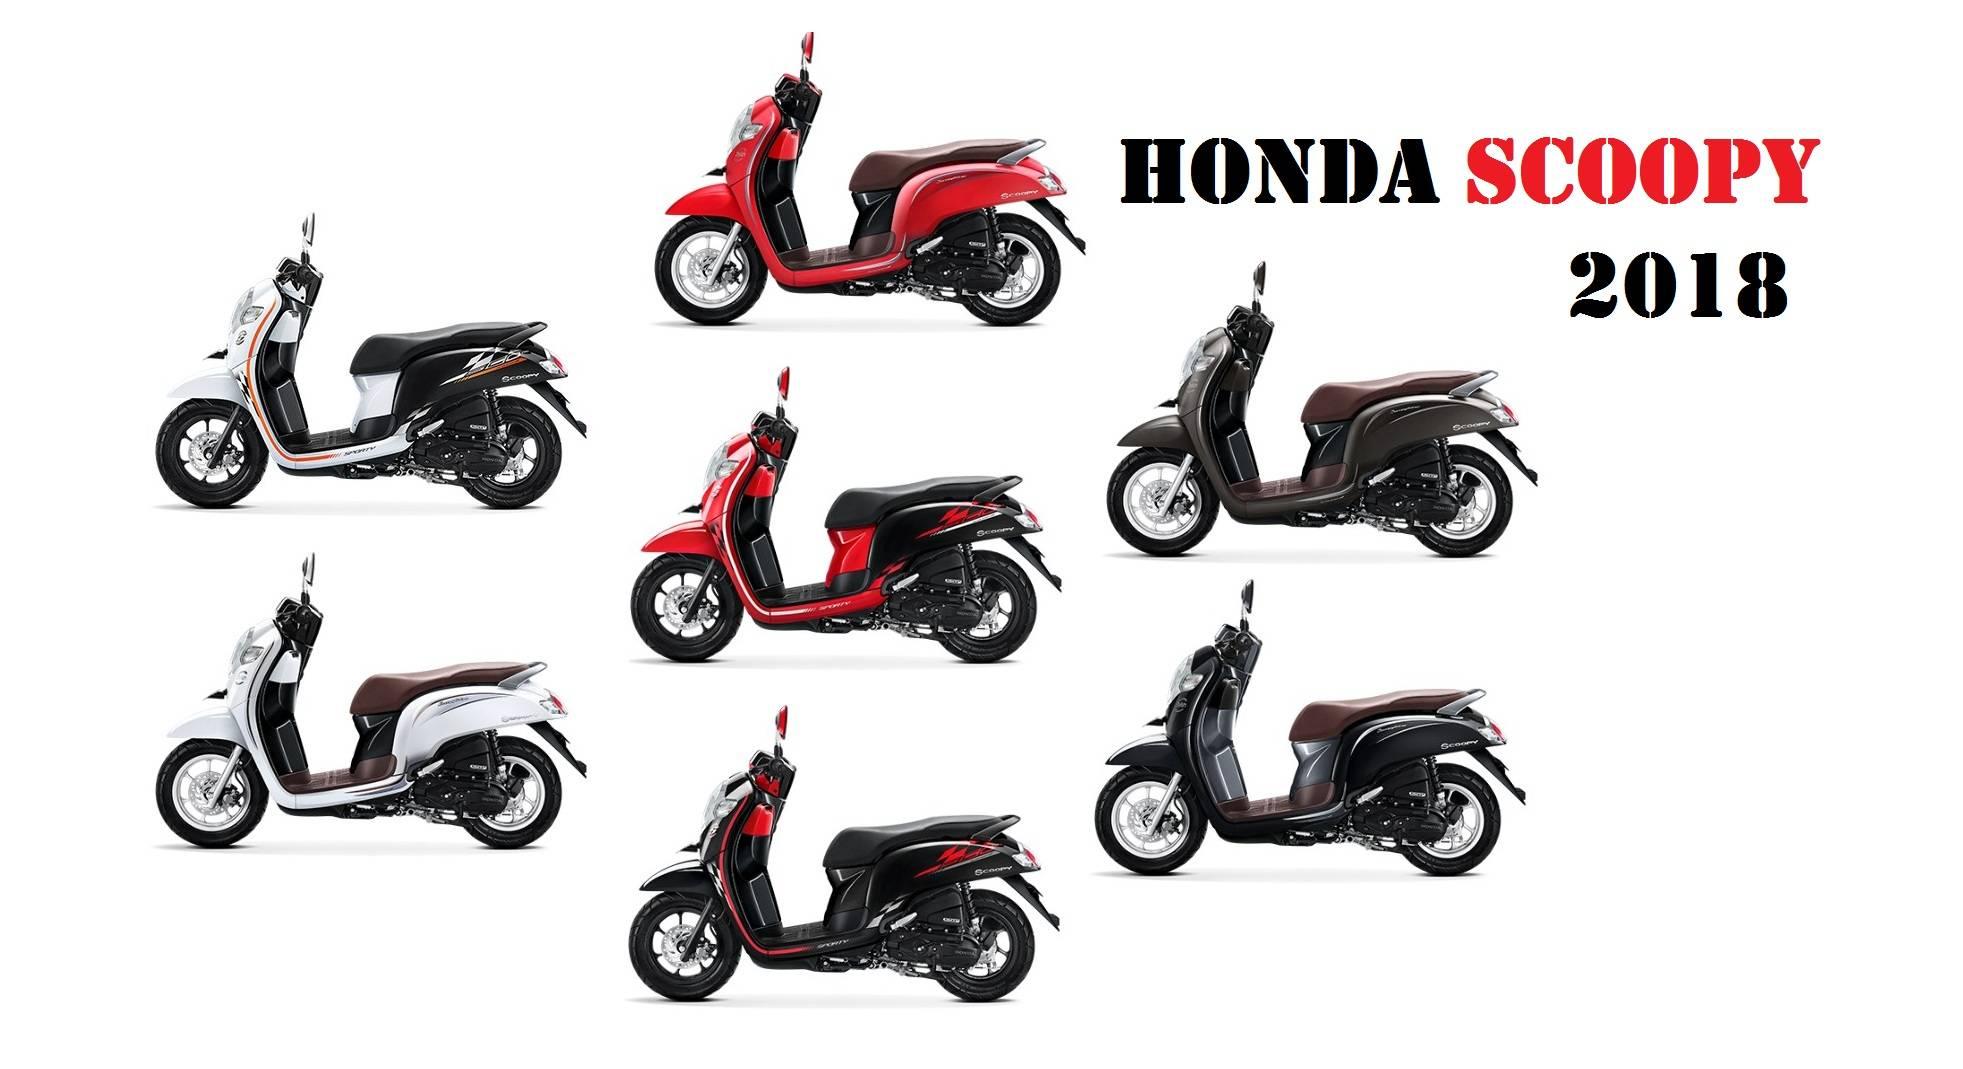 Honda Scoopy 2018 Punya 7 Warna Baru Ada Yang Red Matte Euy